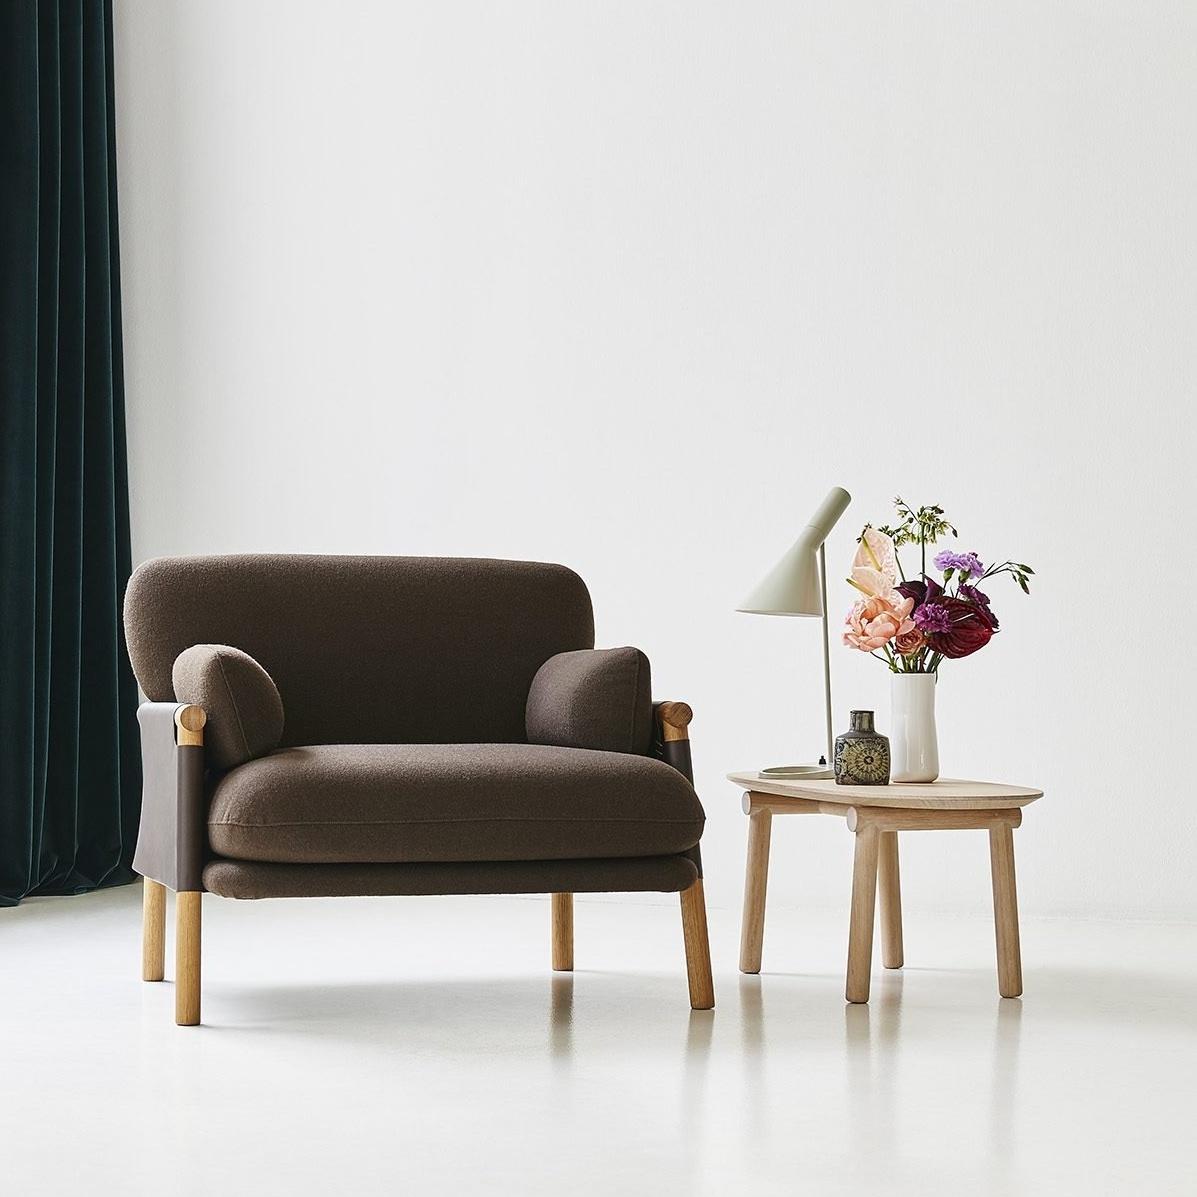 Savannah Easy Chair